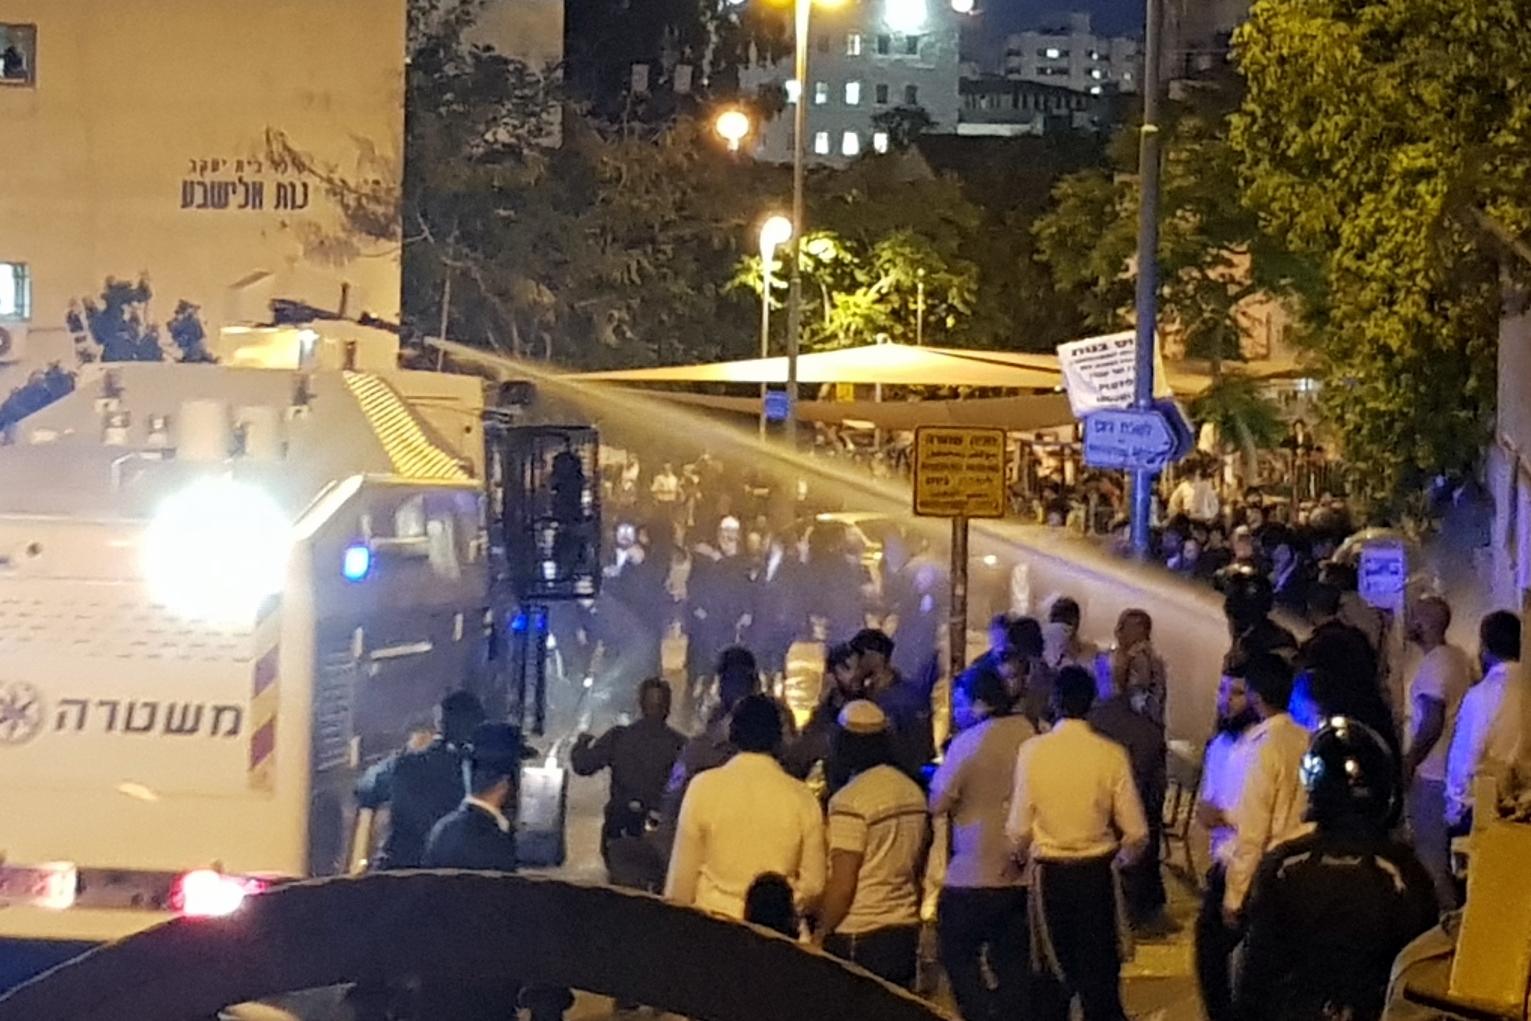 צפו: רימוני הלם מתפוצצים מעל המפגינים